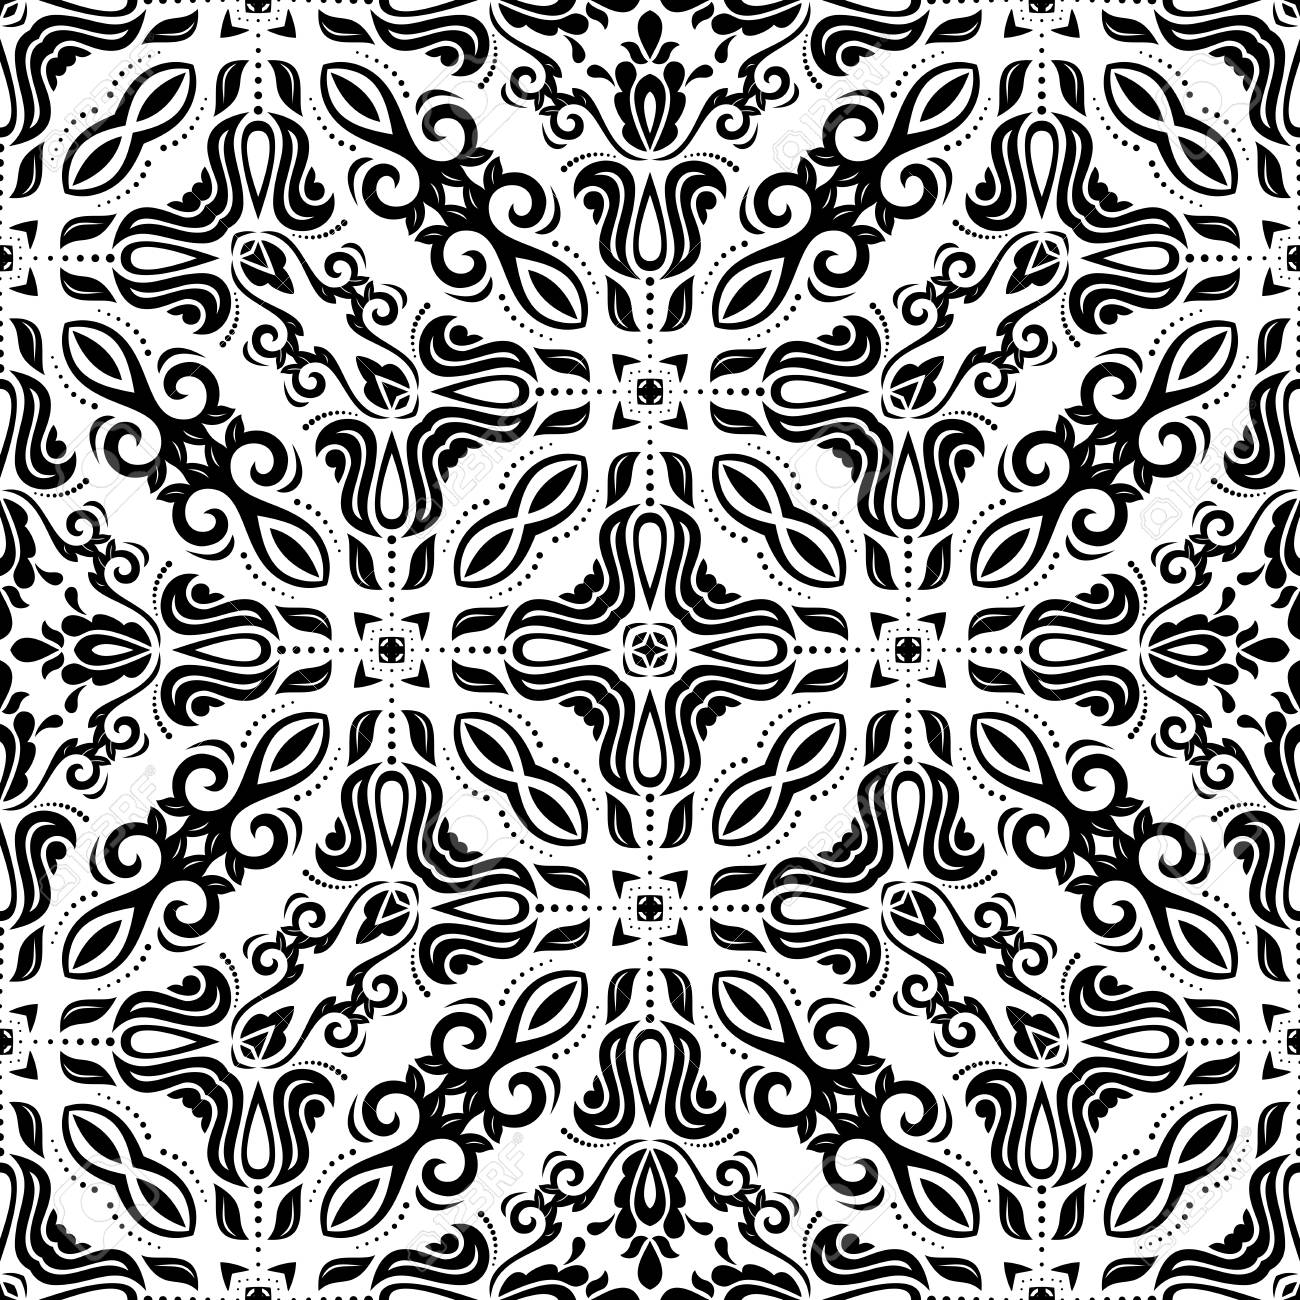 Banque Du0027images   Motif Géométrique. Seamless Vecteur. Abstract Texture  Pour Les Papiers Peints. Couleurs Noir Et Blanc